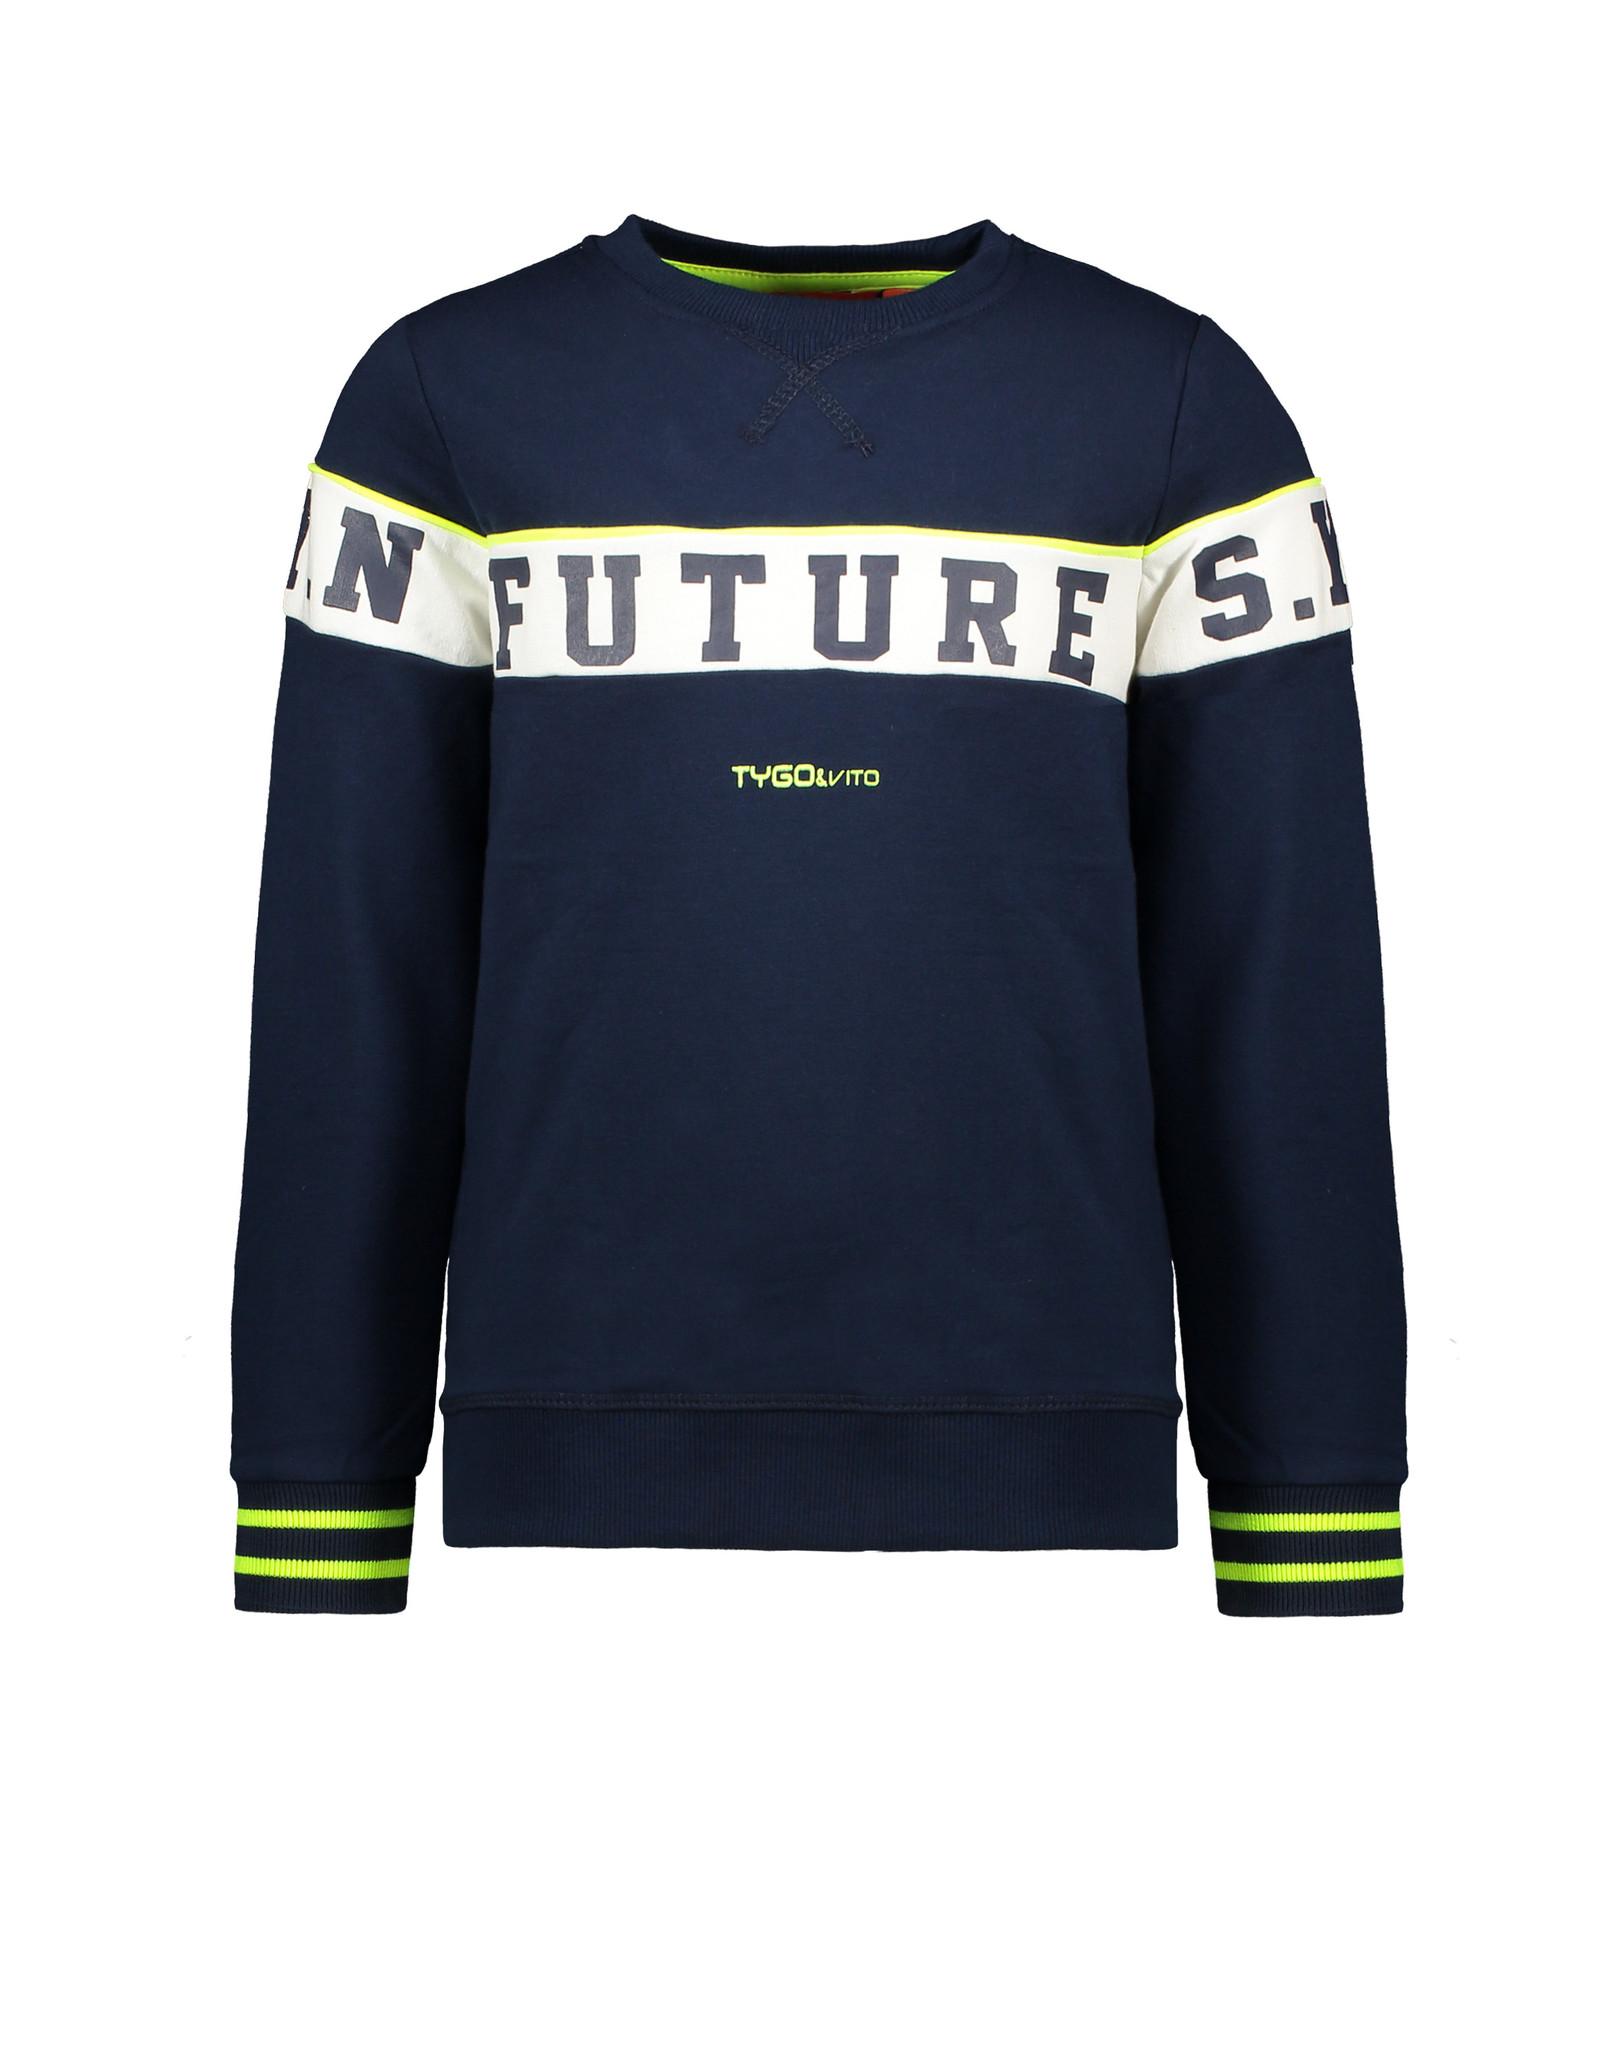 Tygo & Vito T&v sweater FUTURE